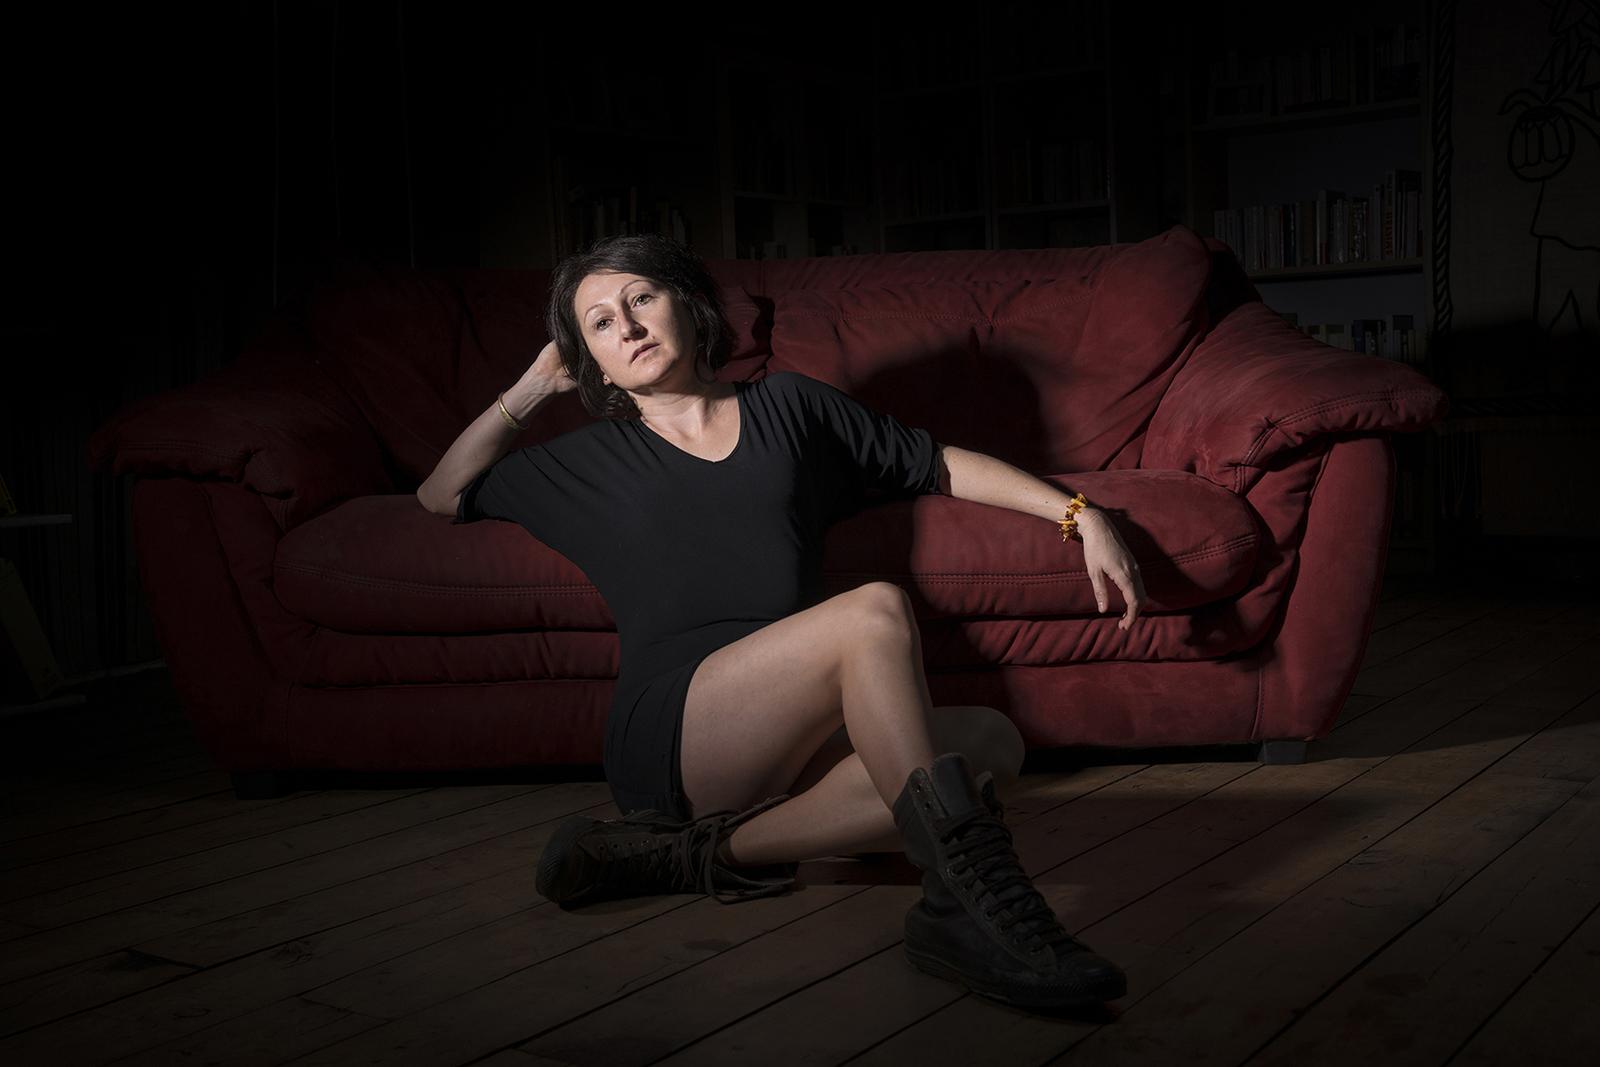 Jeaune femme assise par terre en studio au pied d'un canapé rouge